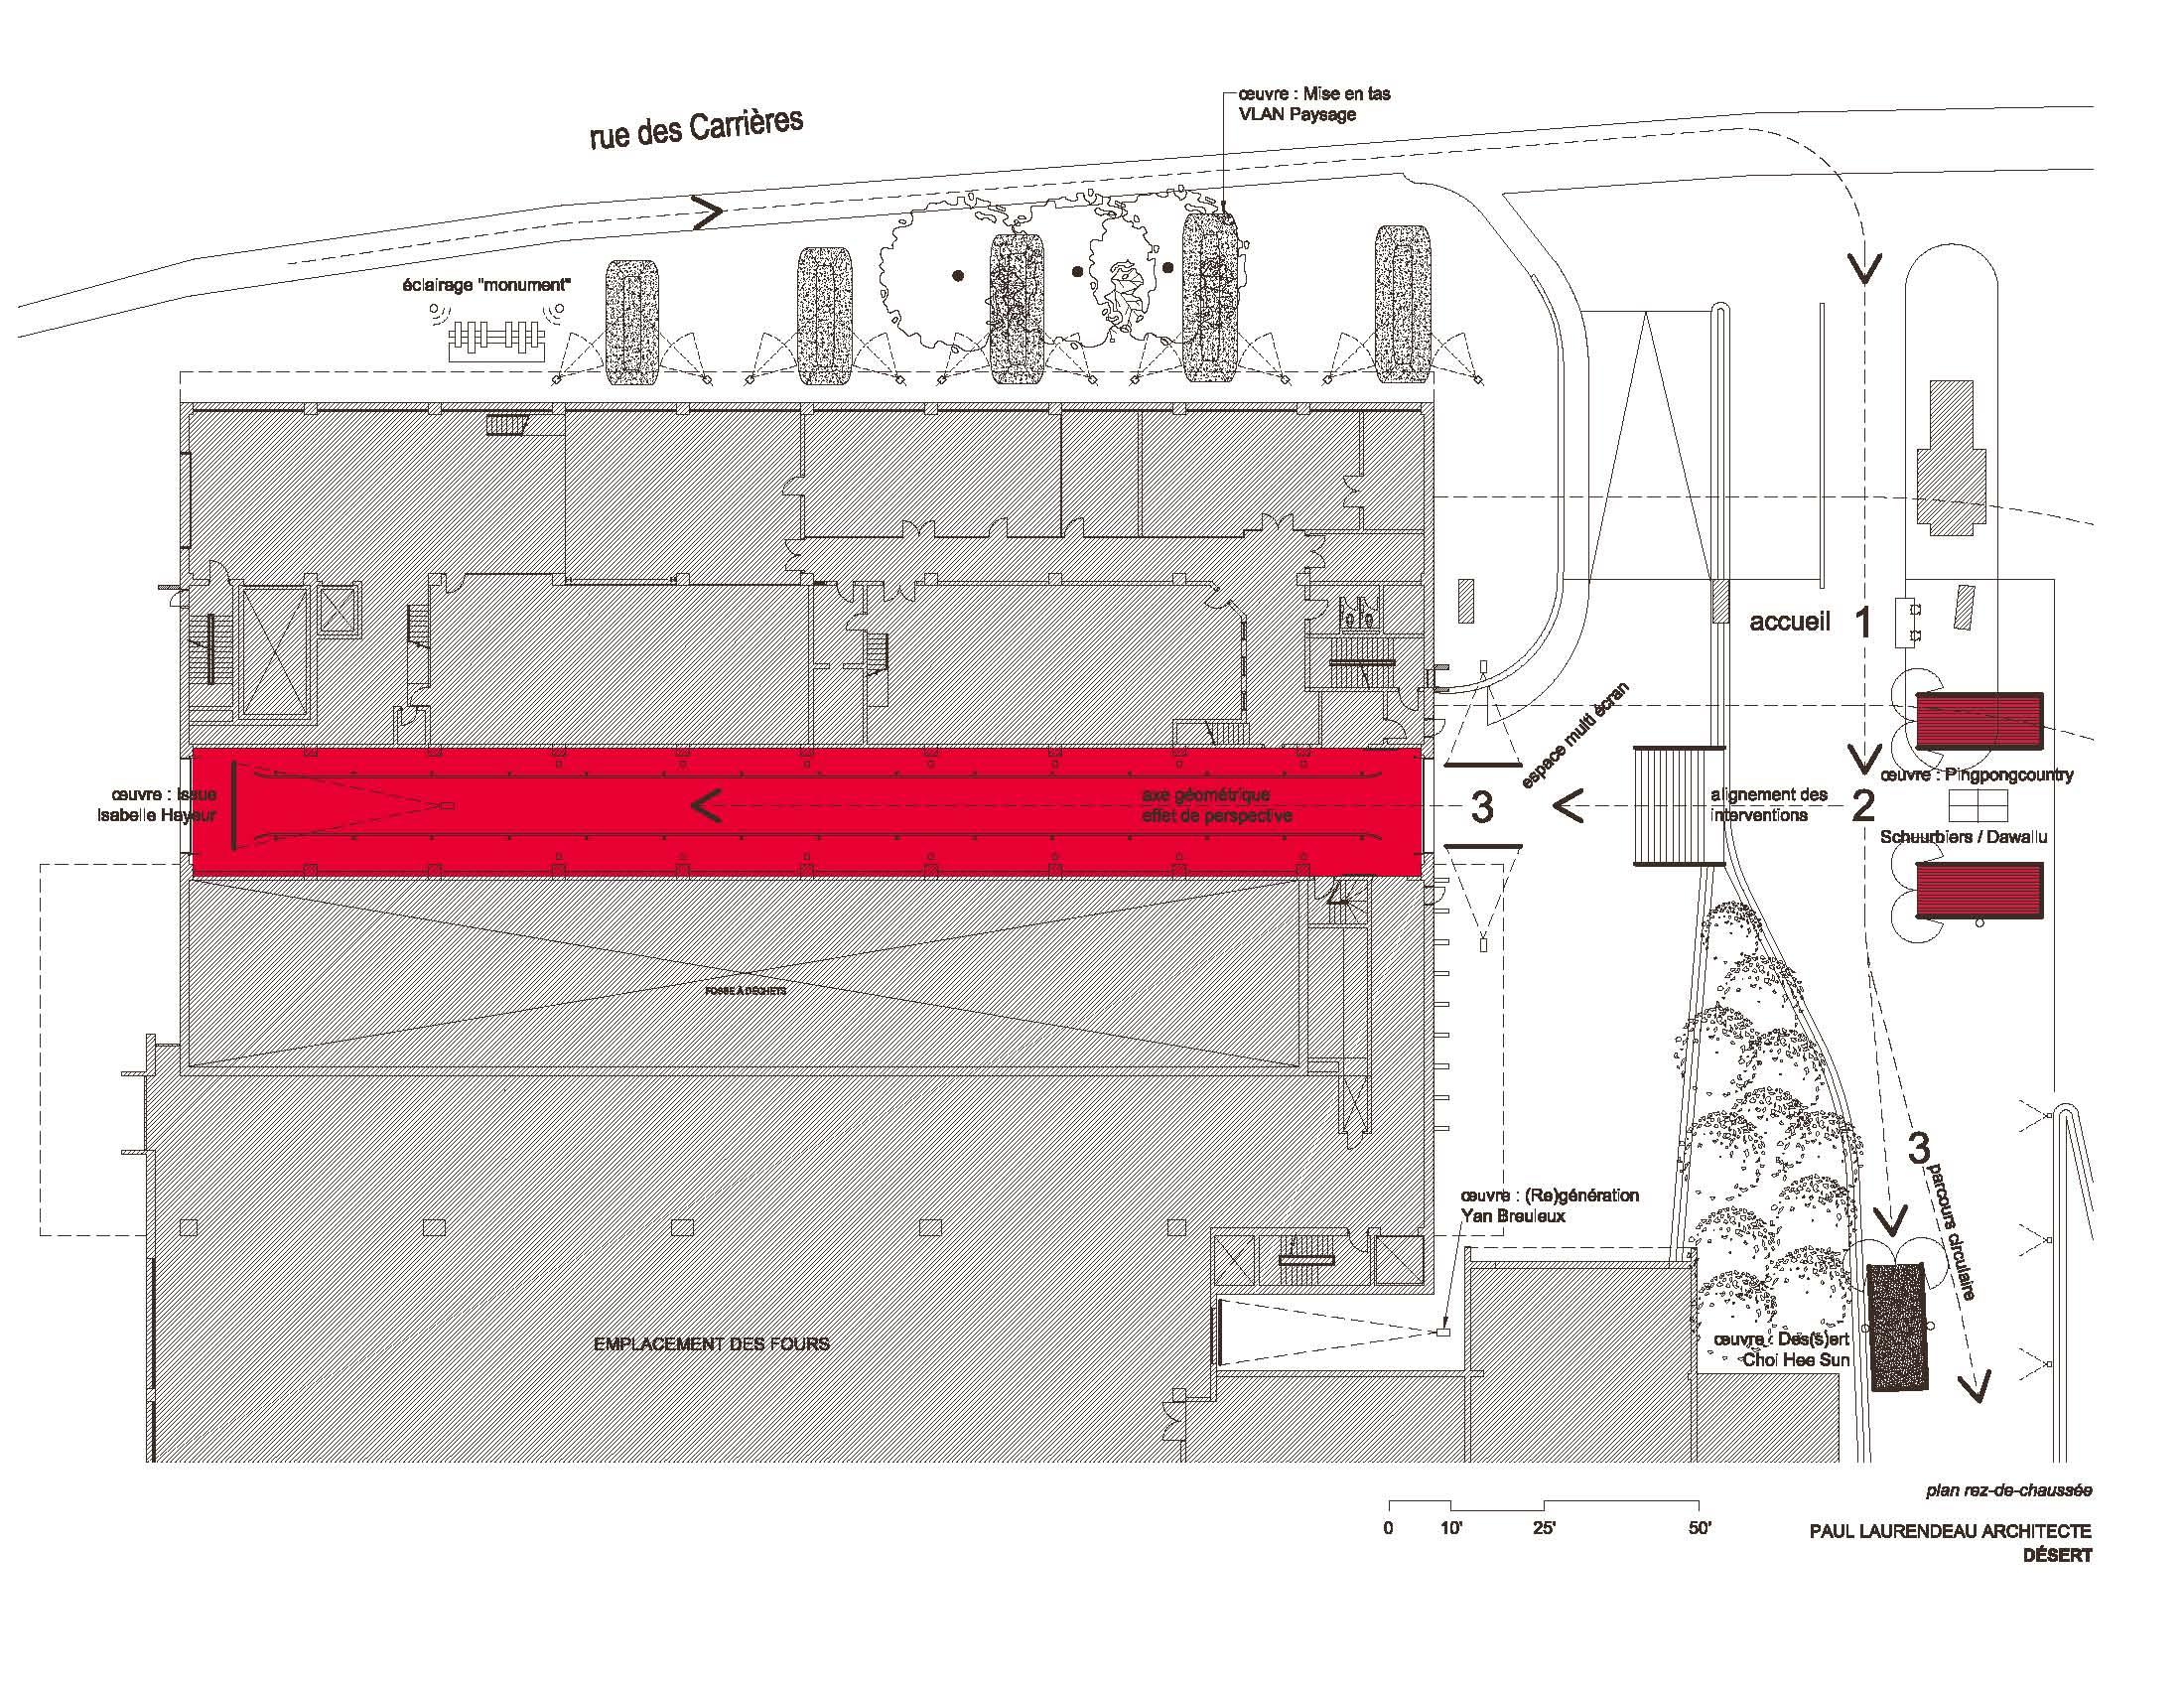 Plan du rez-de-chaussée montrant la sortie des sédiments en rouge et l'œuvre d'Isabelle Hayeur.